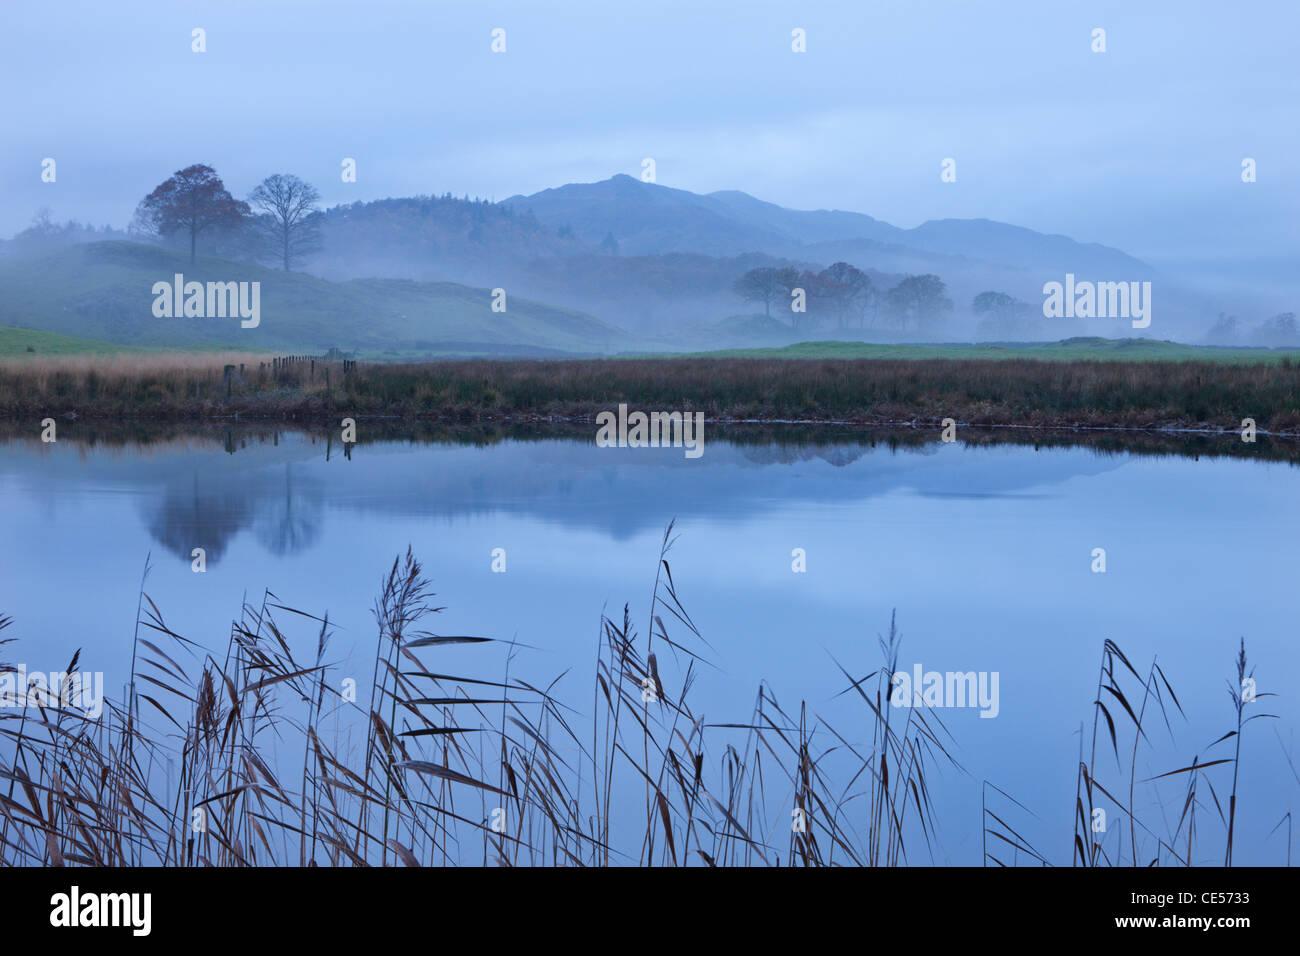 Brathay río en una mañana brumosa cerca de Elterwater, Lake District, Cumbria, Inglaterra. Otoño Imagen De Stock